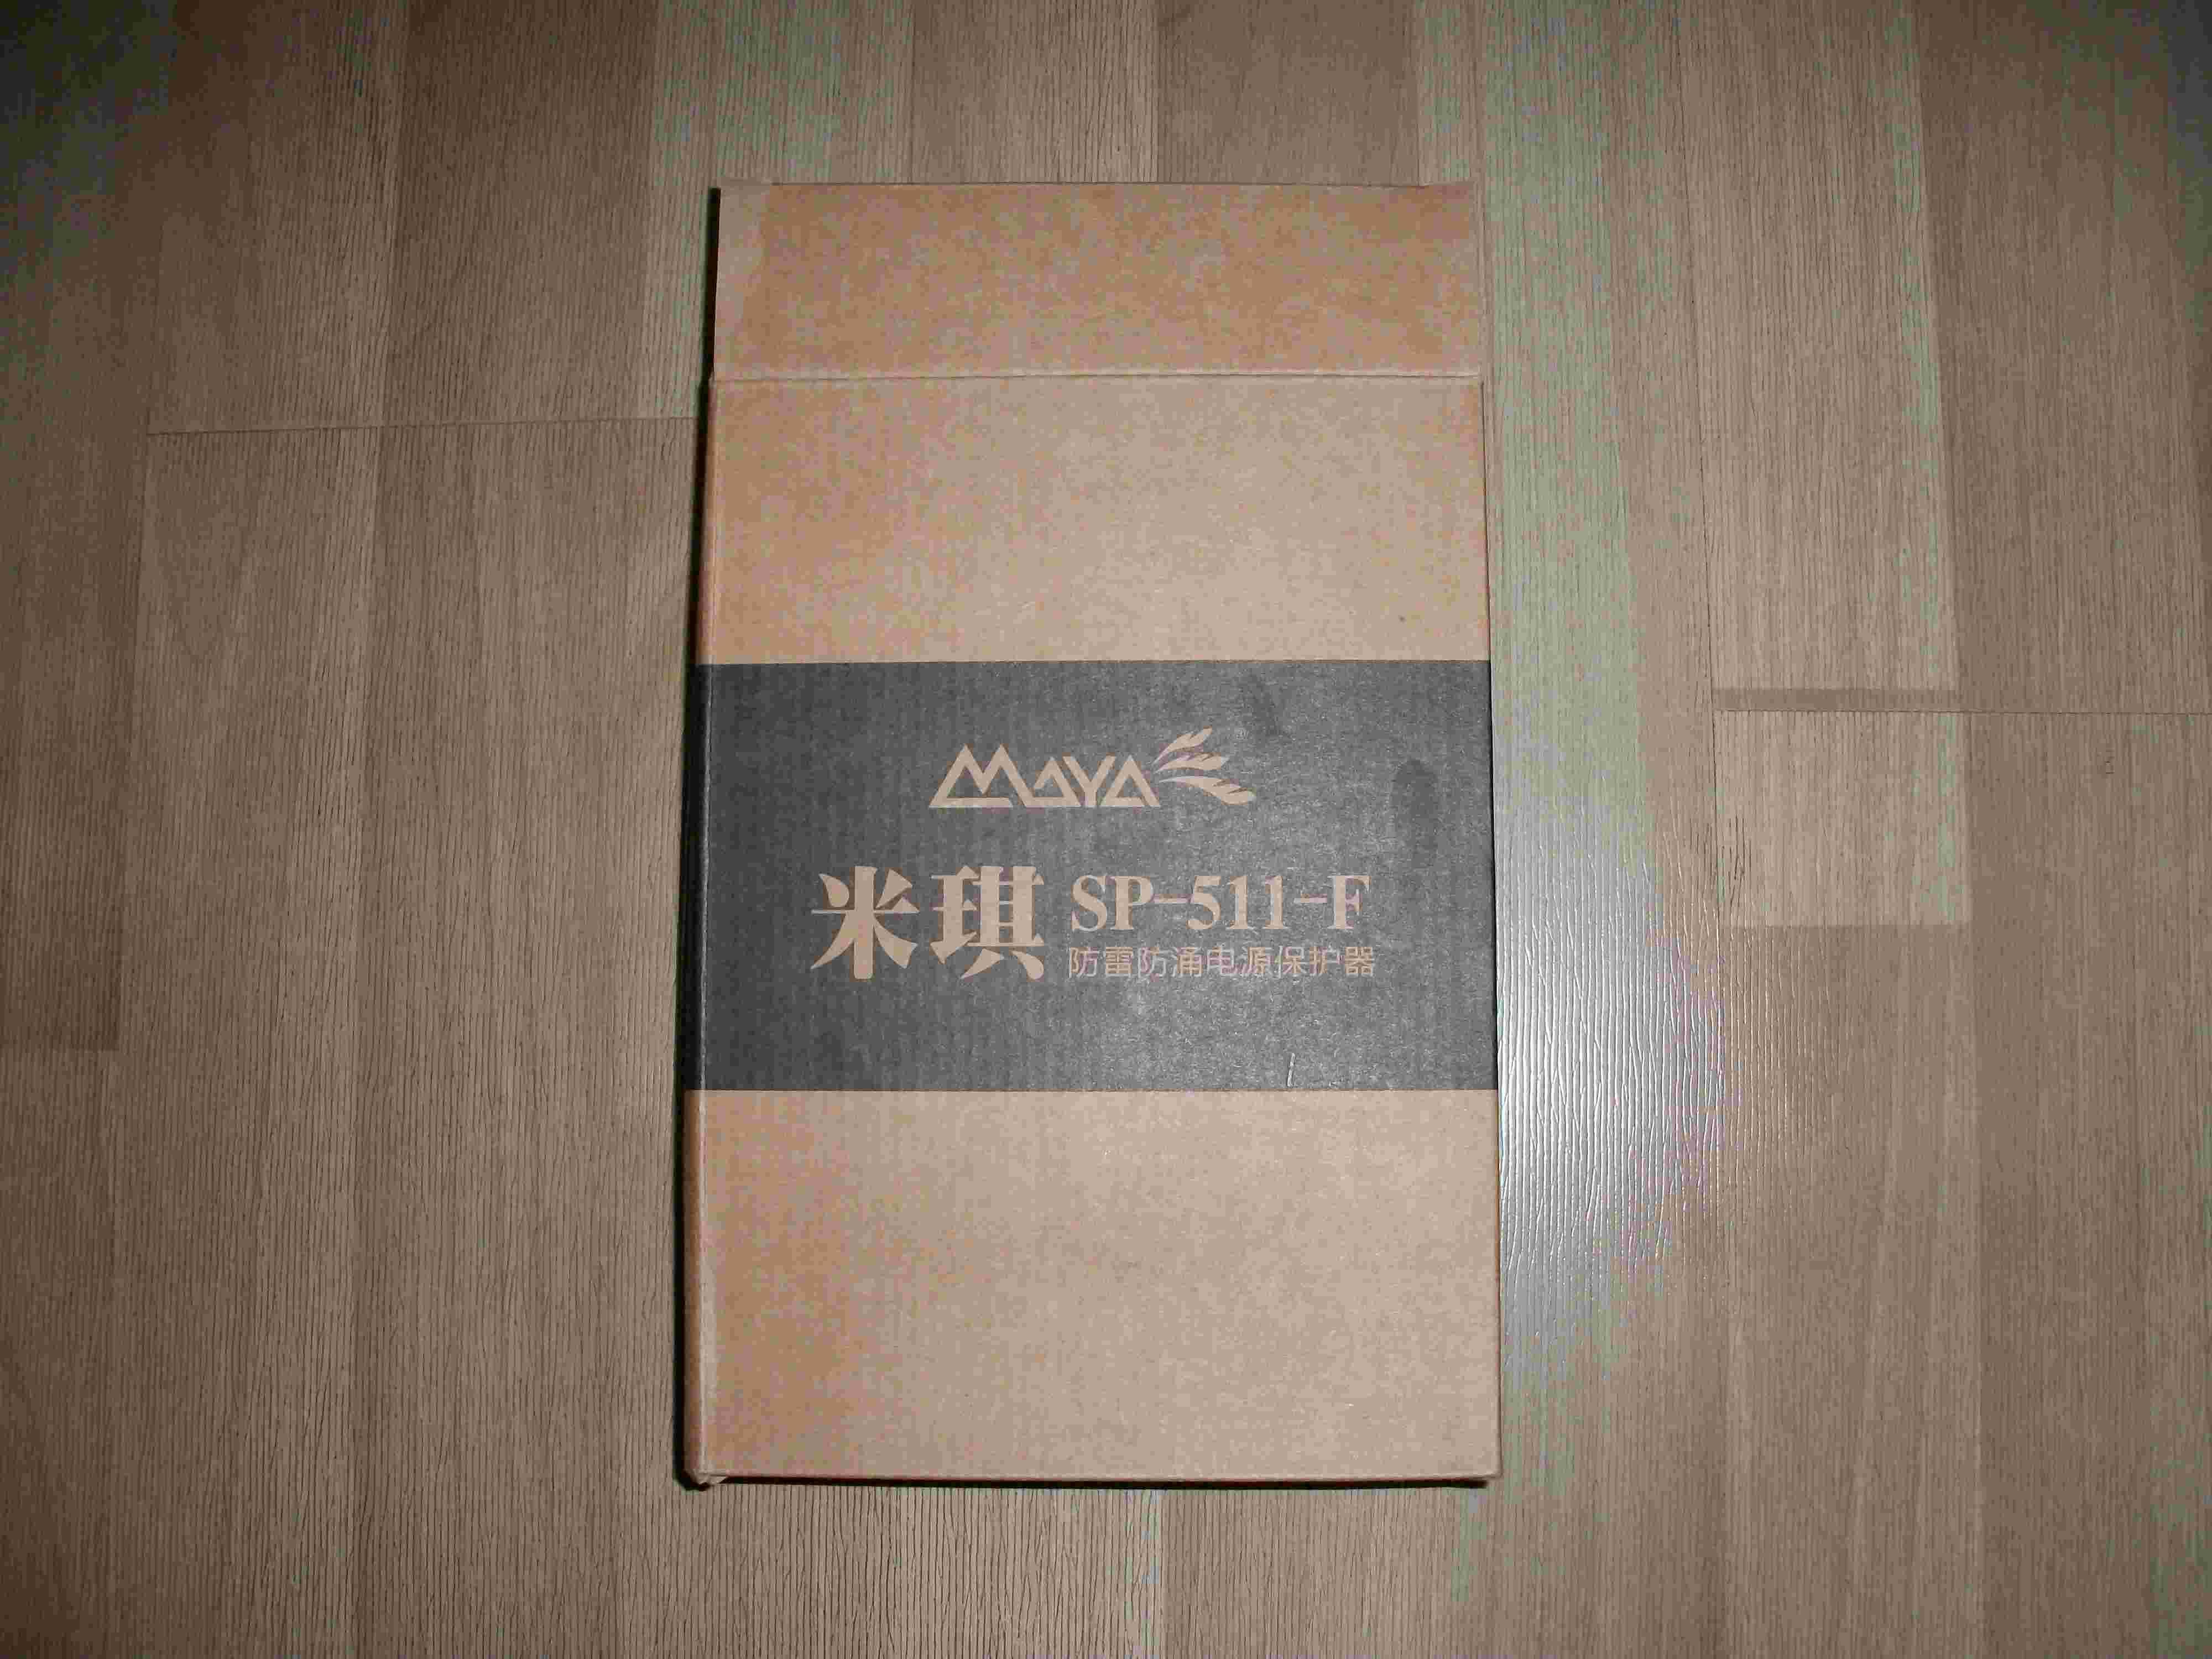 eyewear shops singapore 00218864 store